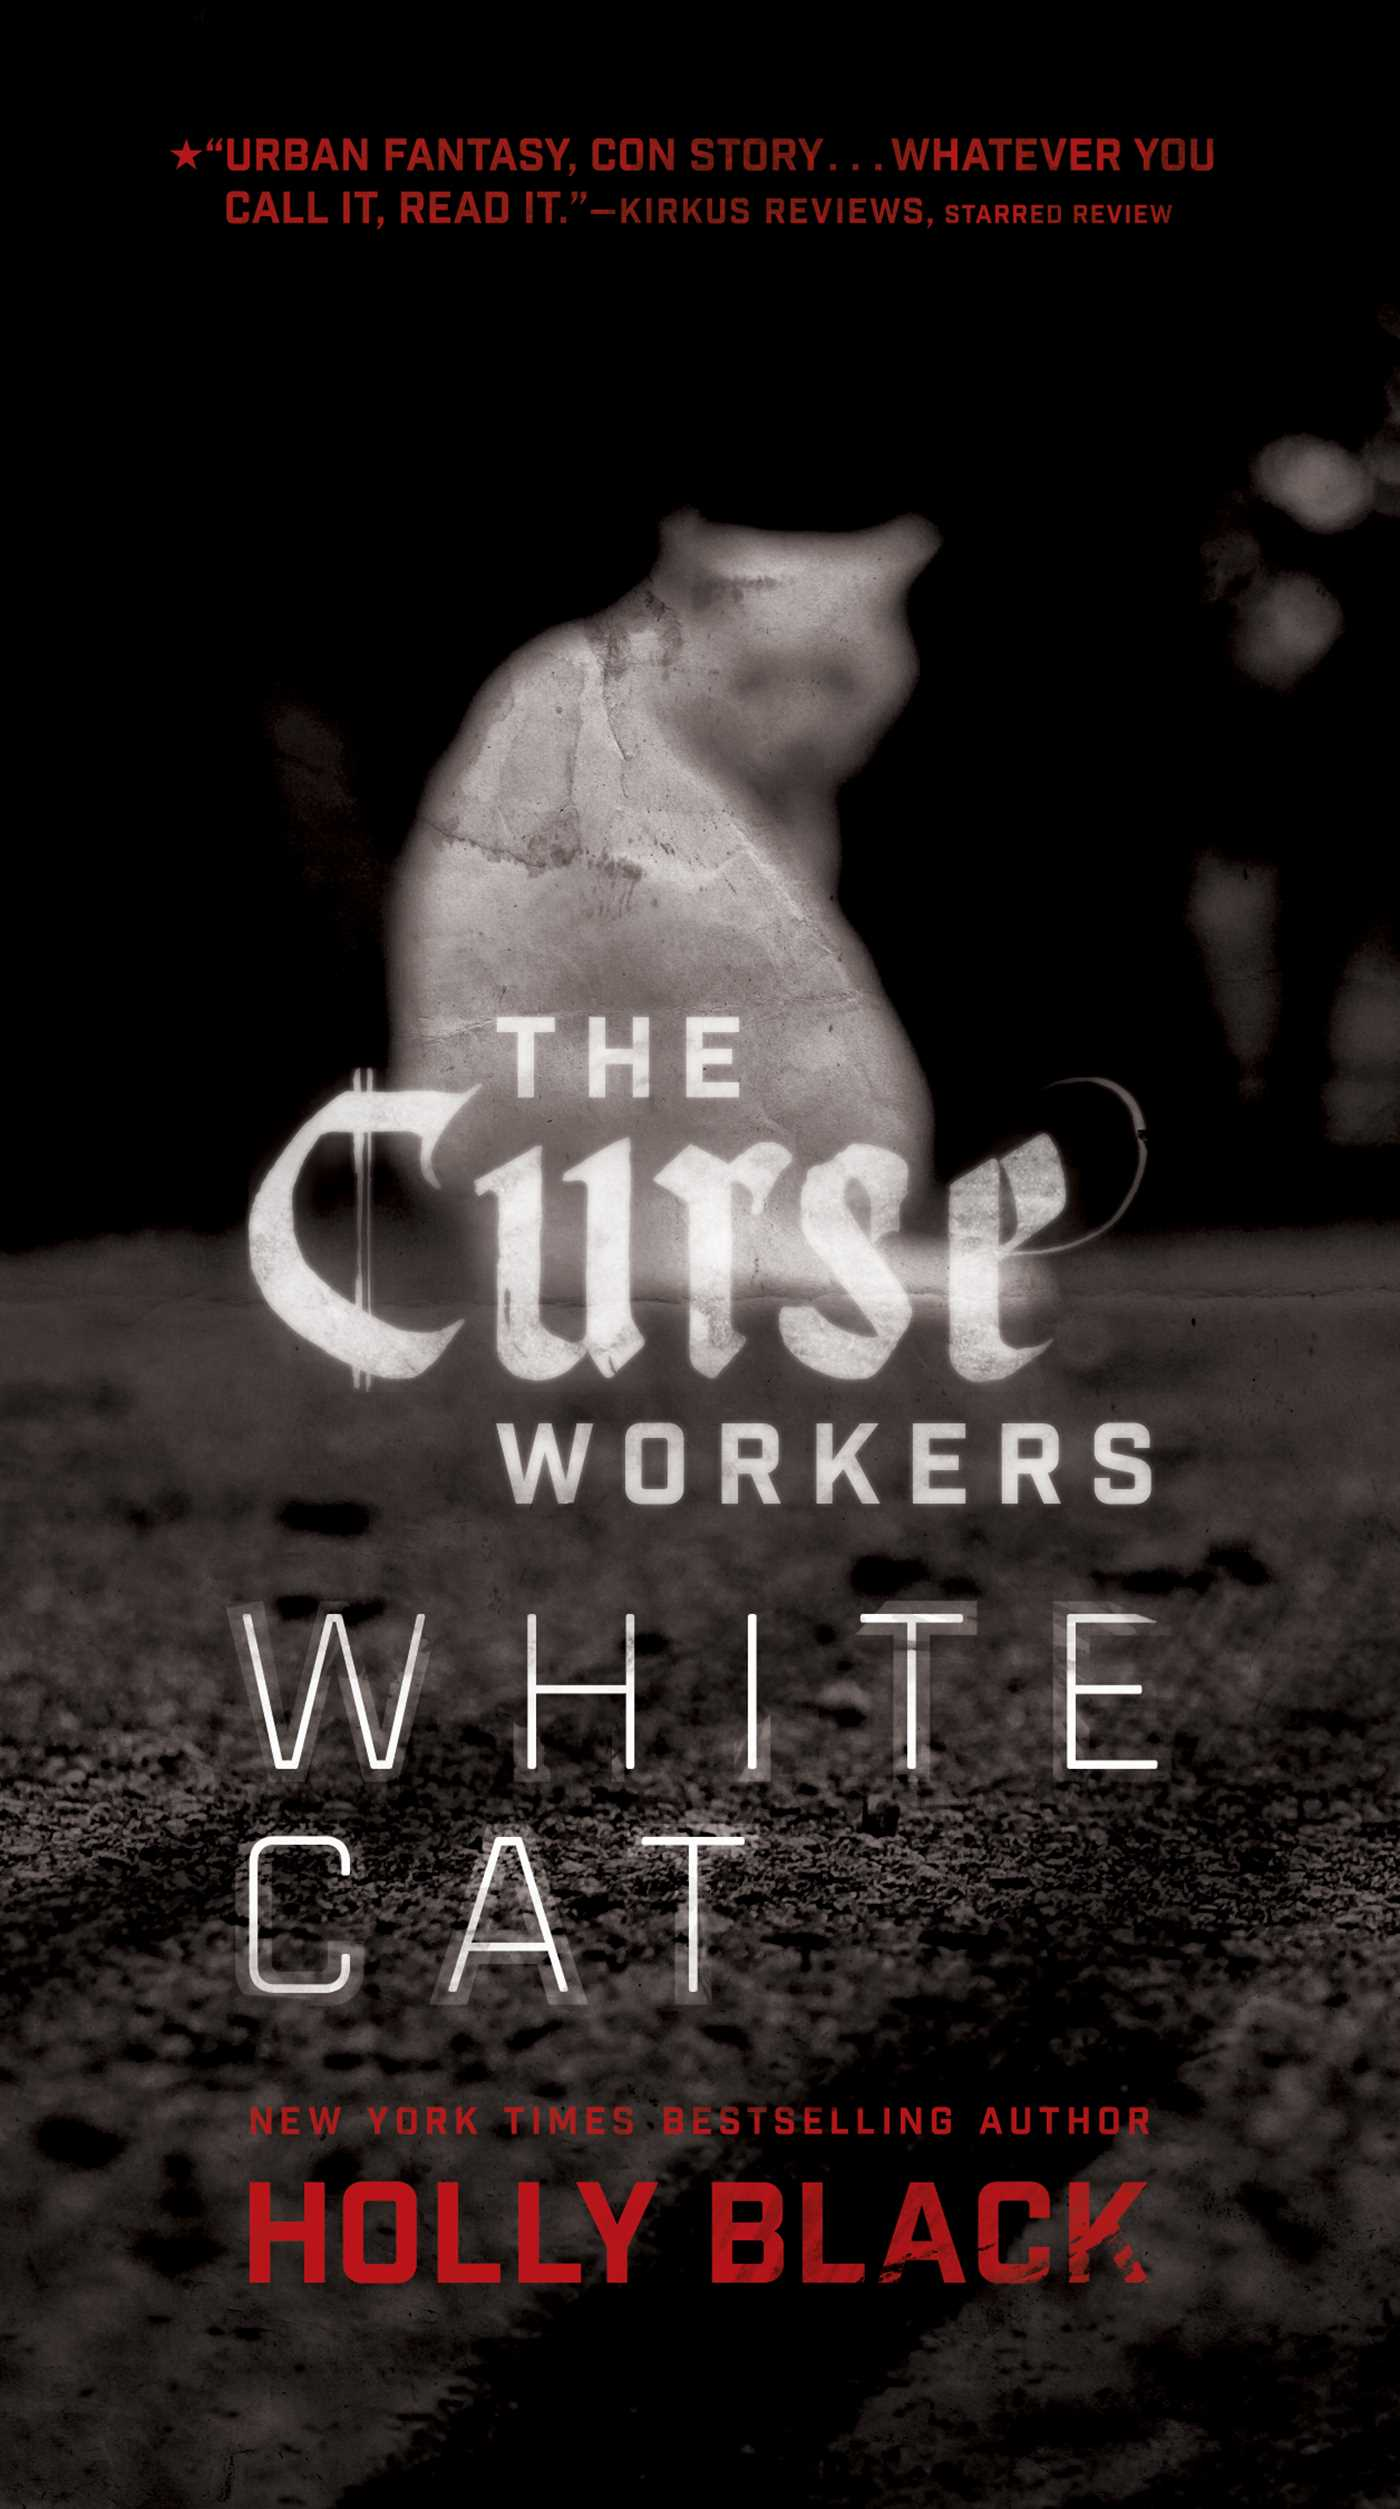 holly-black-white-cat.jpg